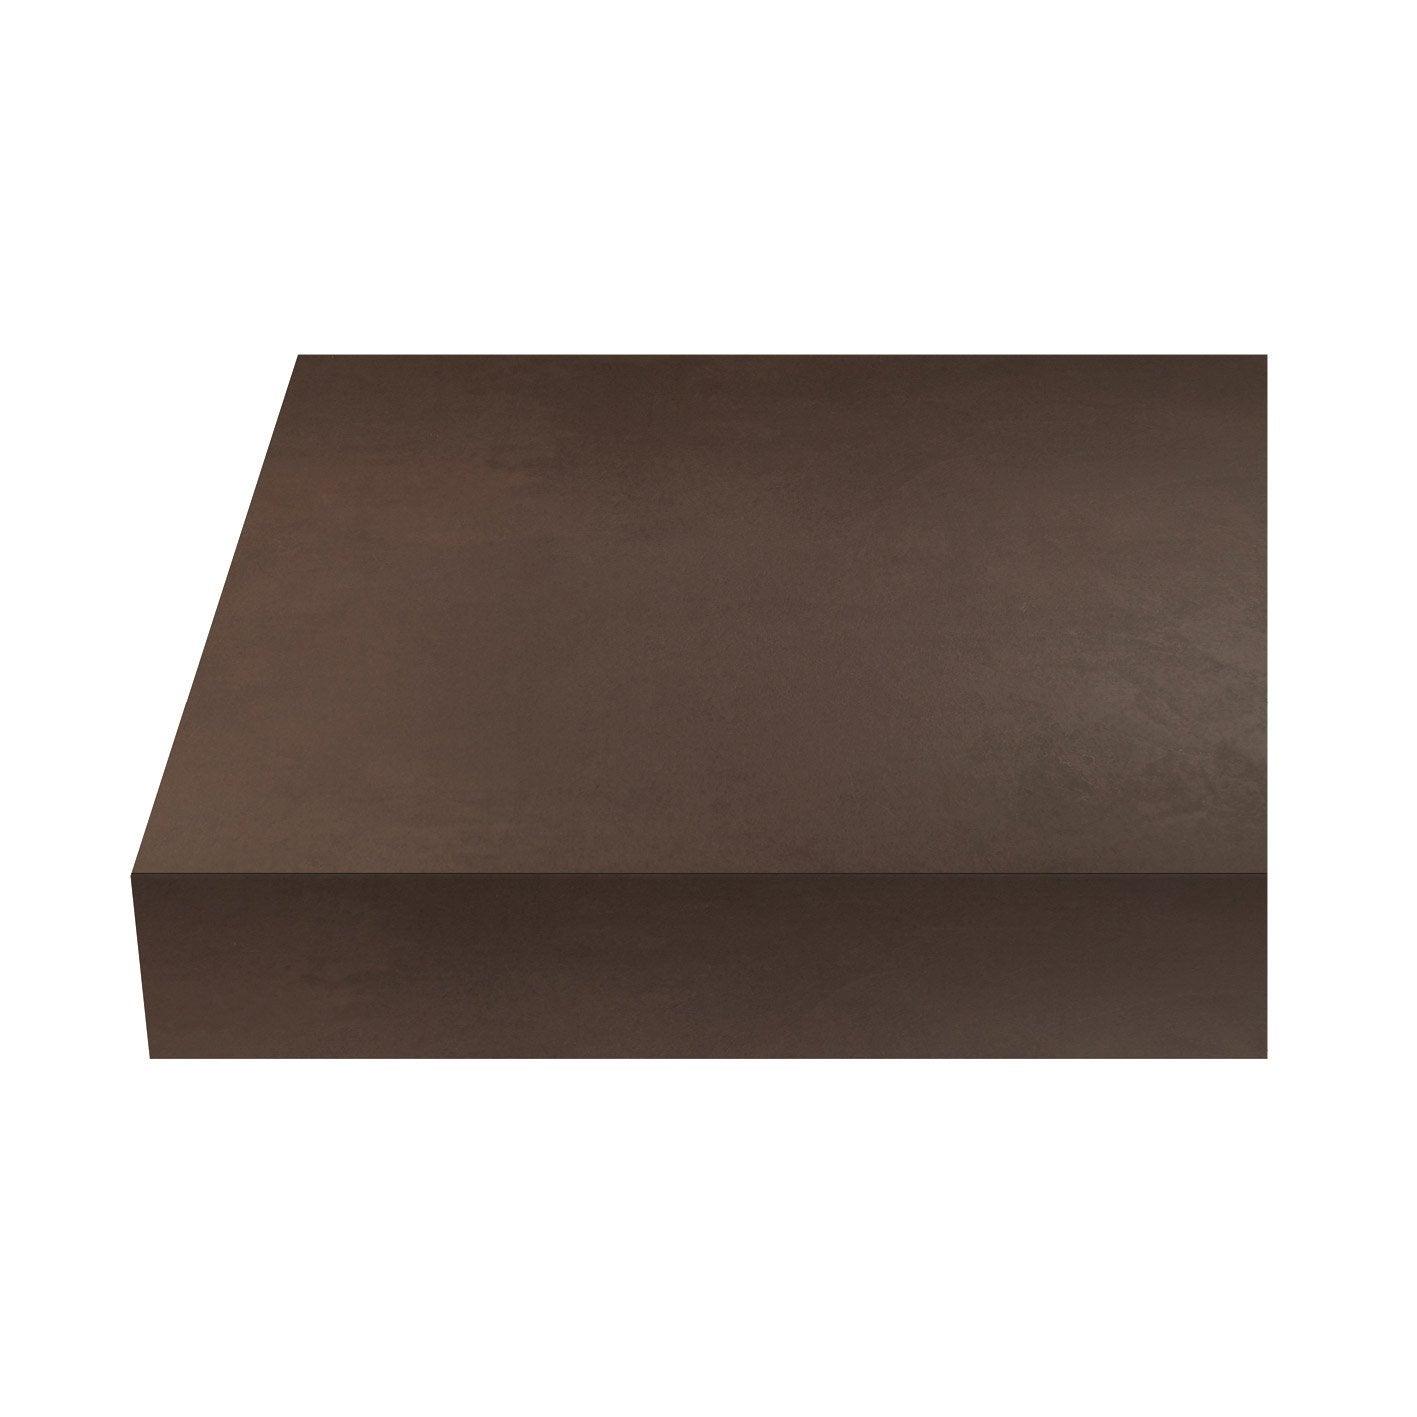 Plan de travail stratifié Beton cire marron Mat L.315 x P.65 cm, Ep.38 mm